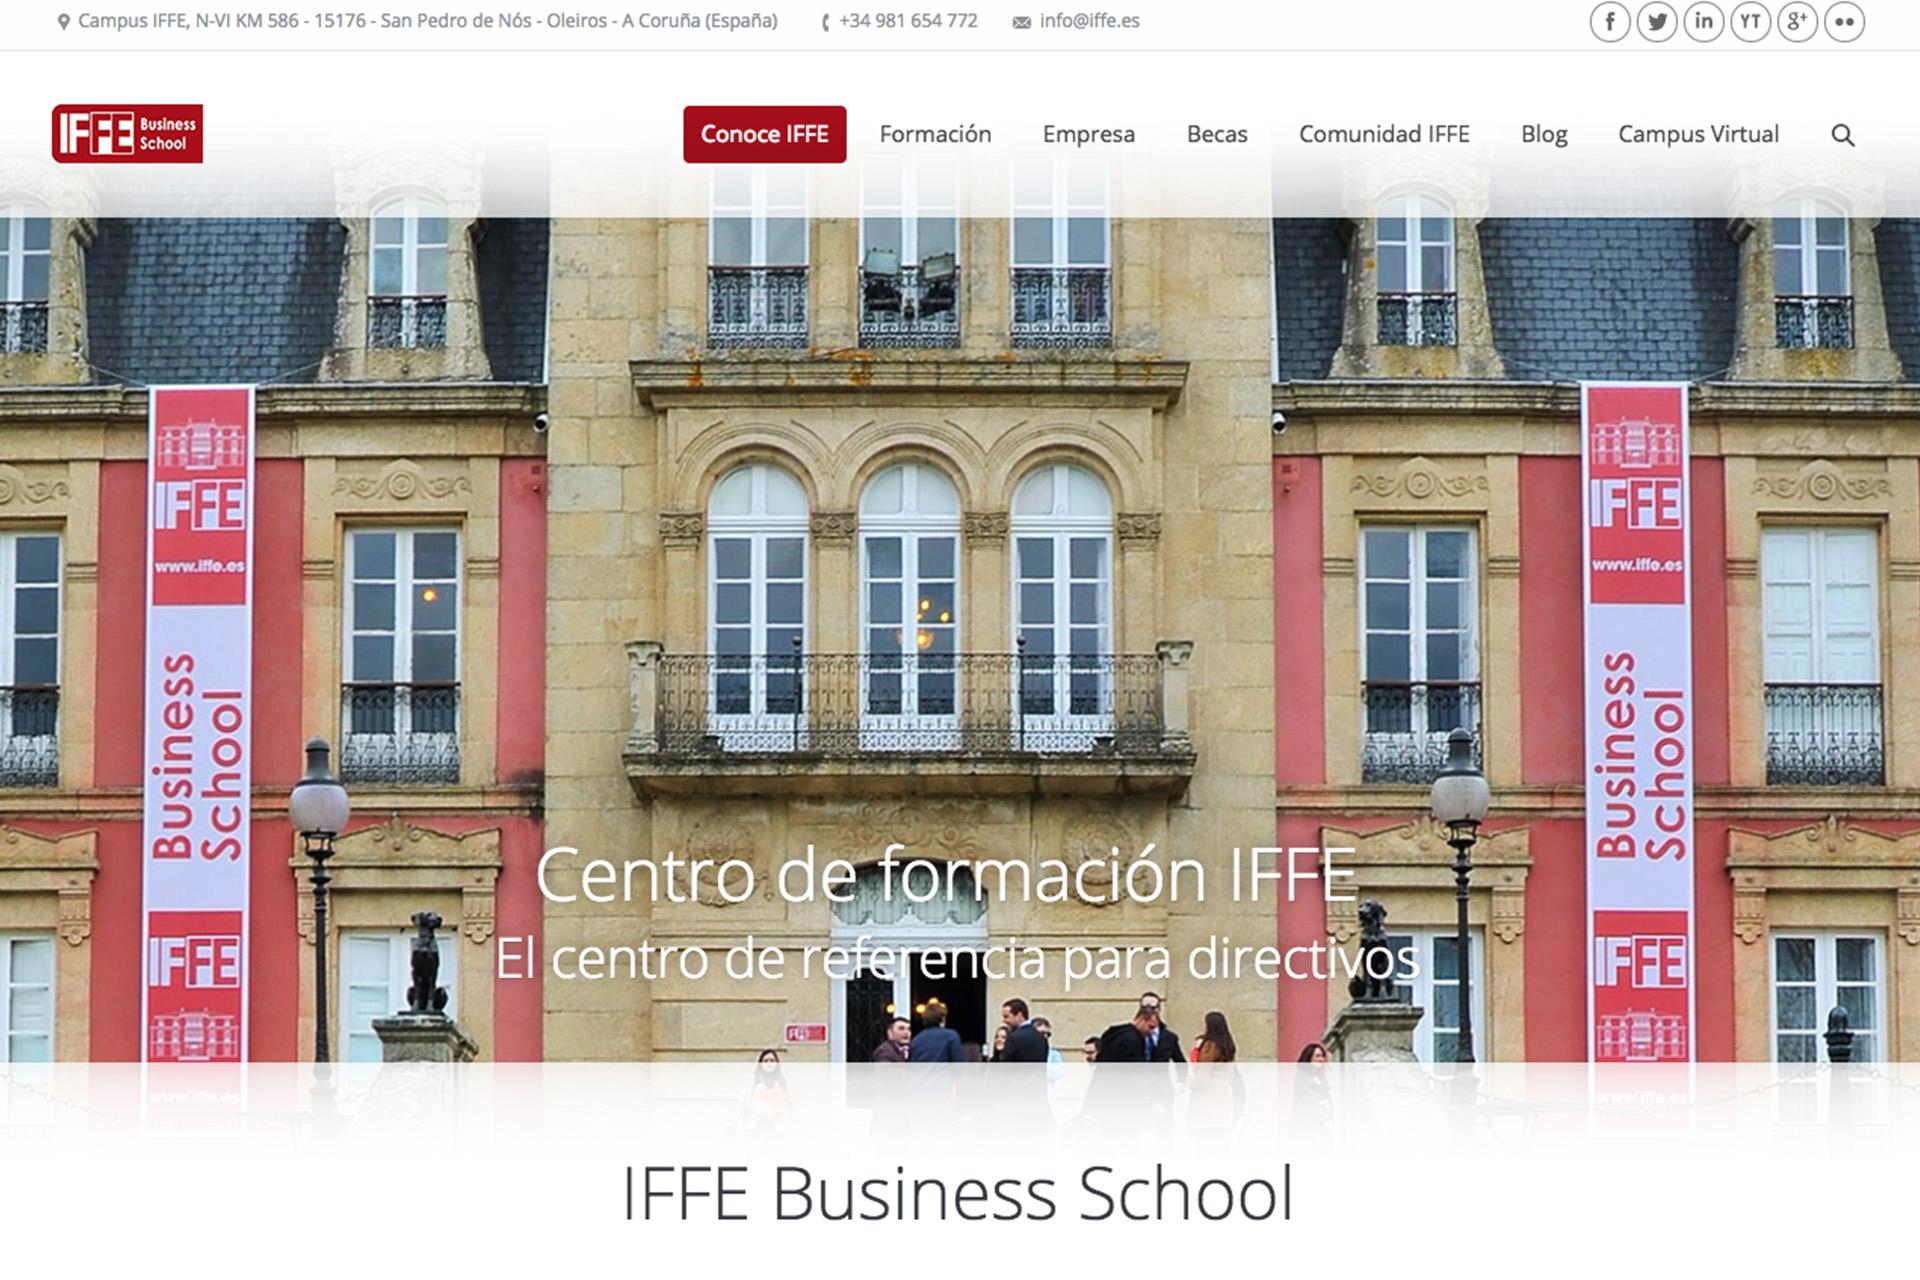 Desarrollo web para IFFE